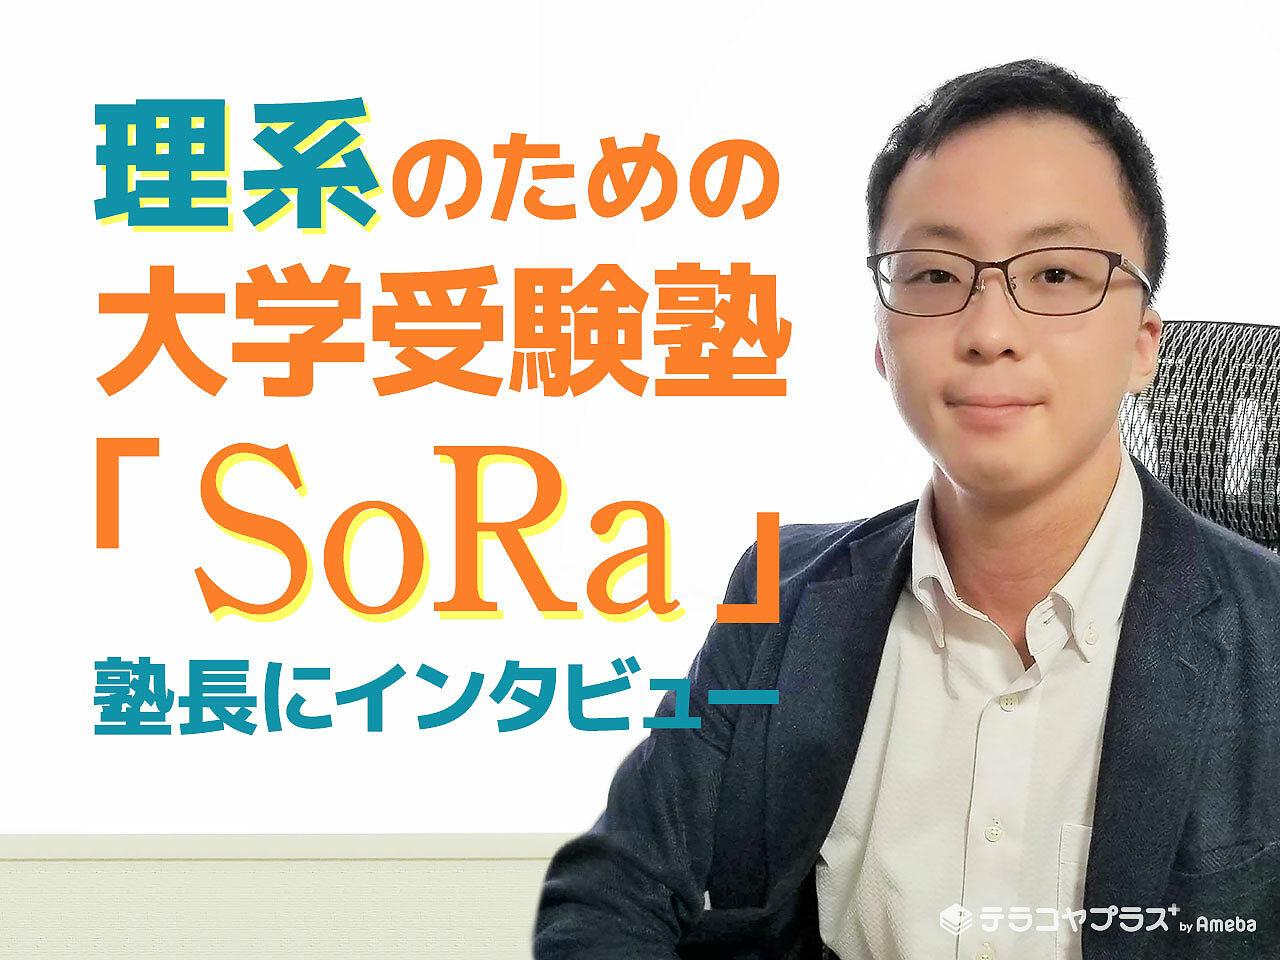 理系のための大学受験塾「SoRa」の塾長にインタビュー!志望校合格へ導く最強の自学自習とは?の画像